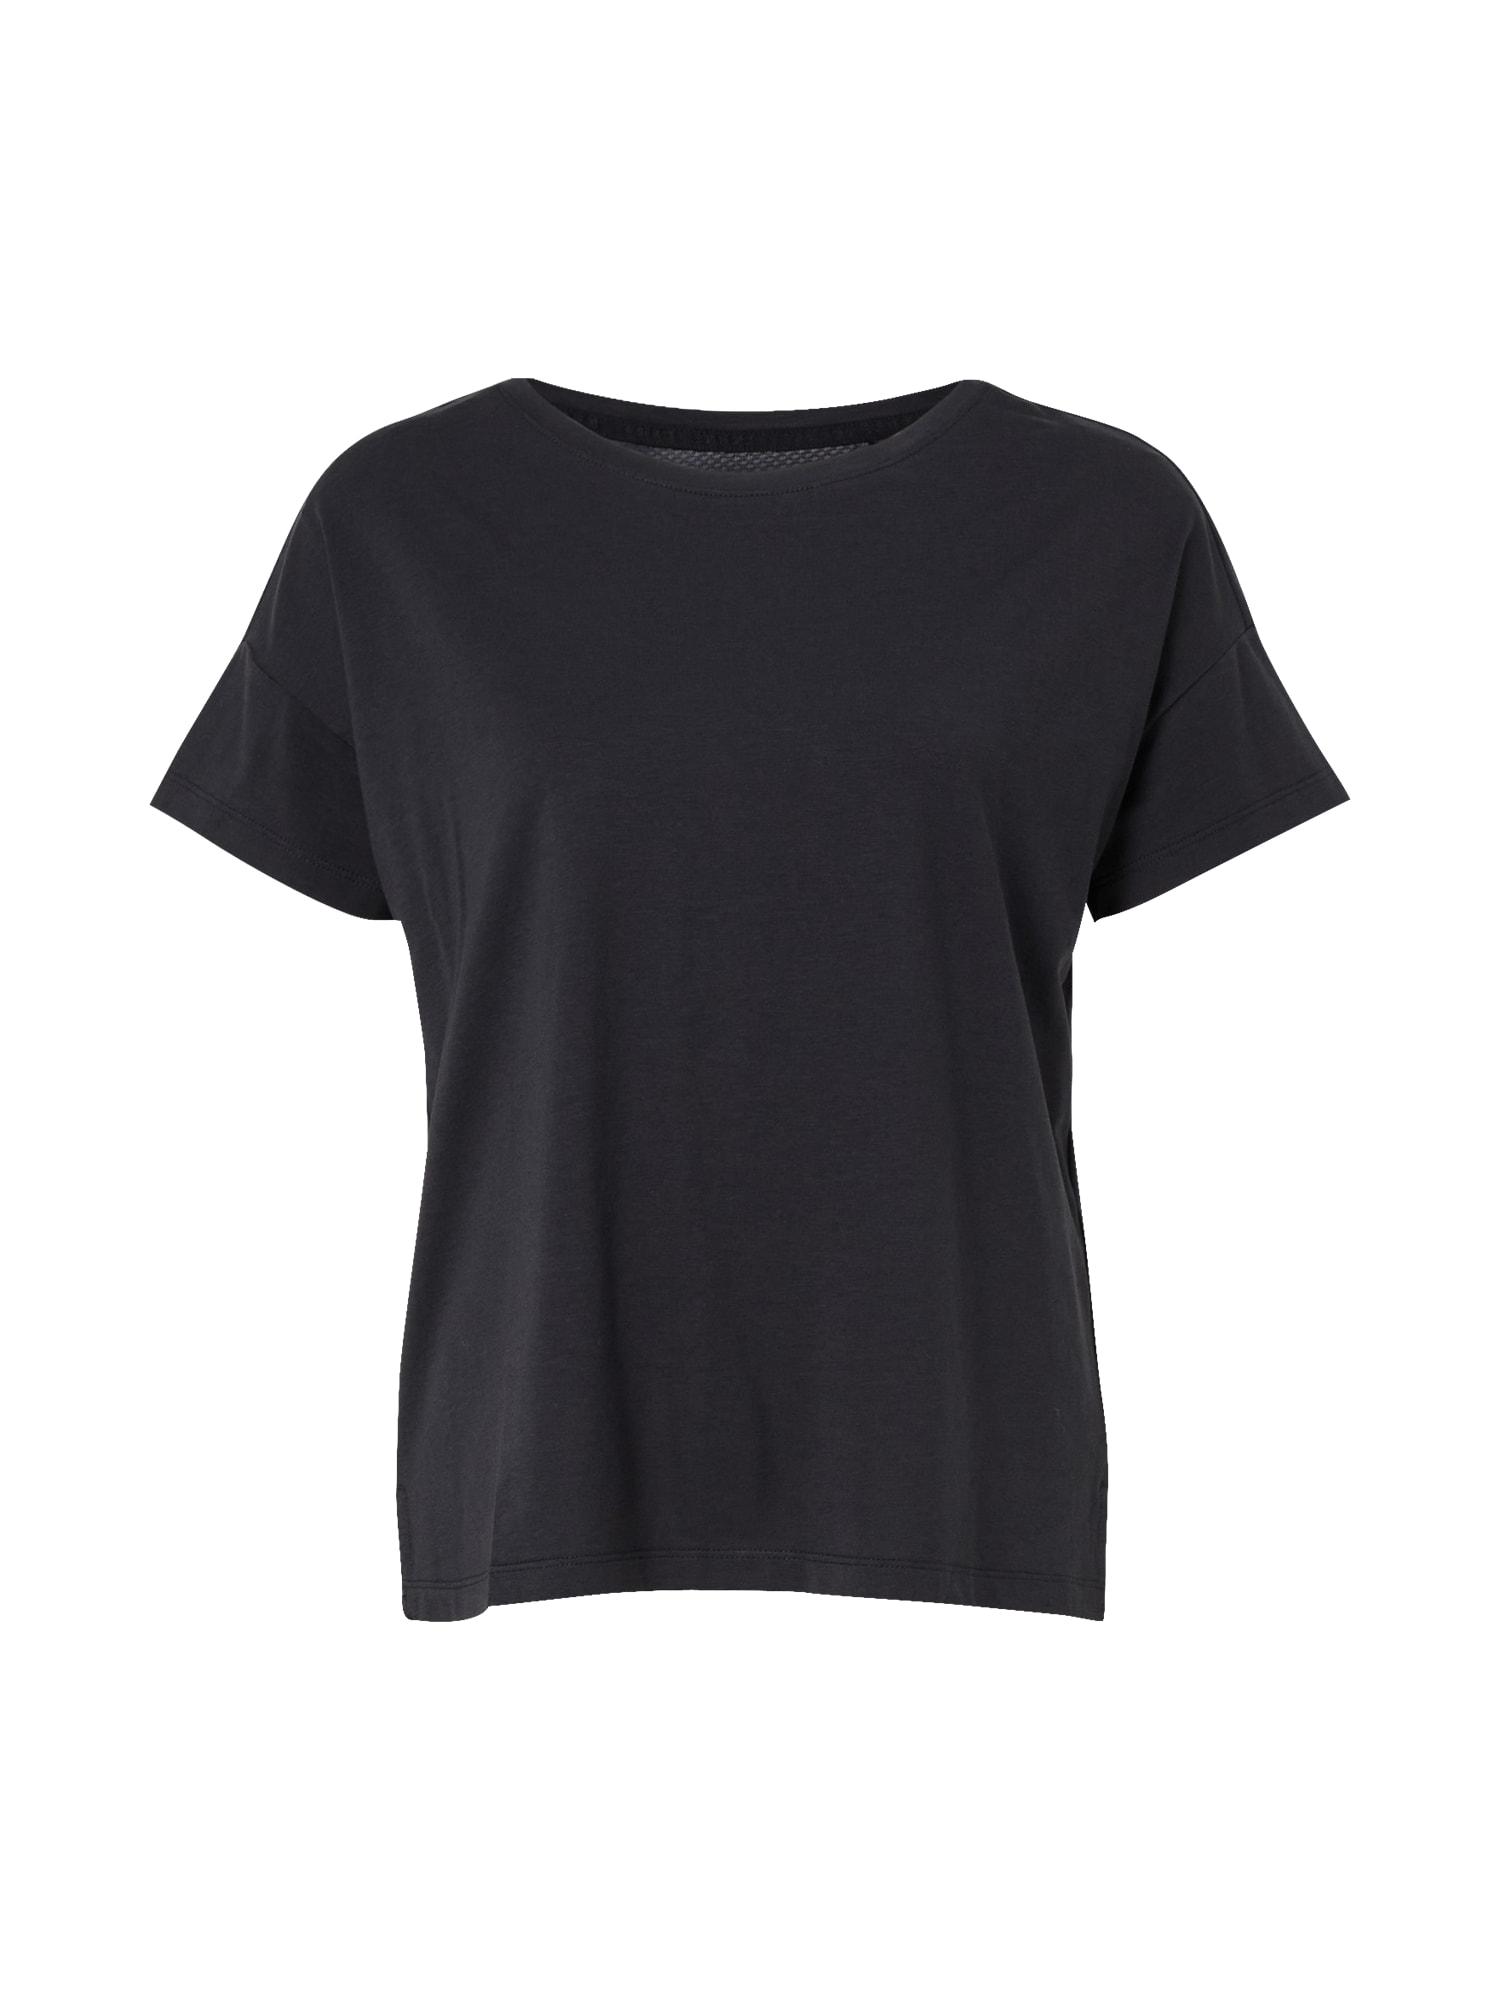 ESPRIT SPORT Sportiniai marškinėliai juoda / balta / raudona